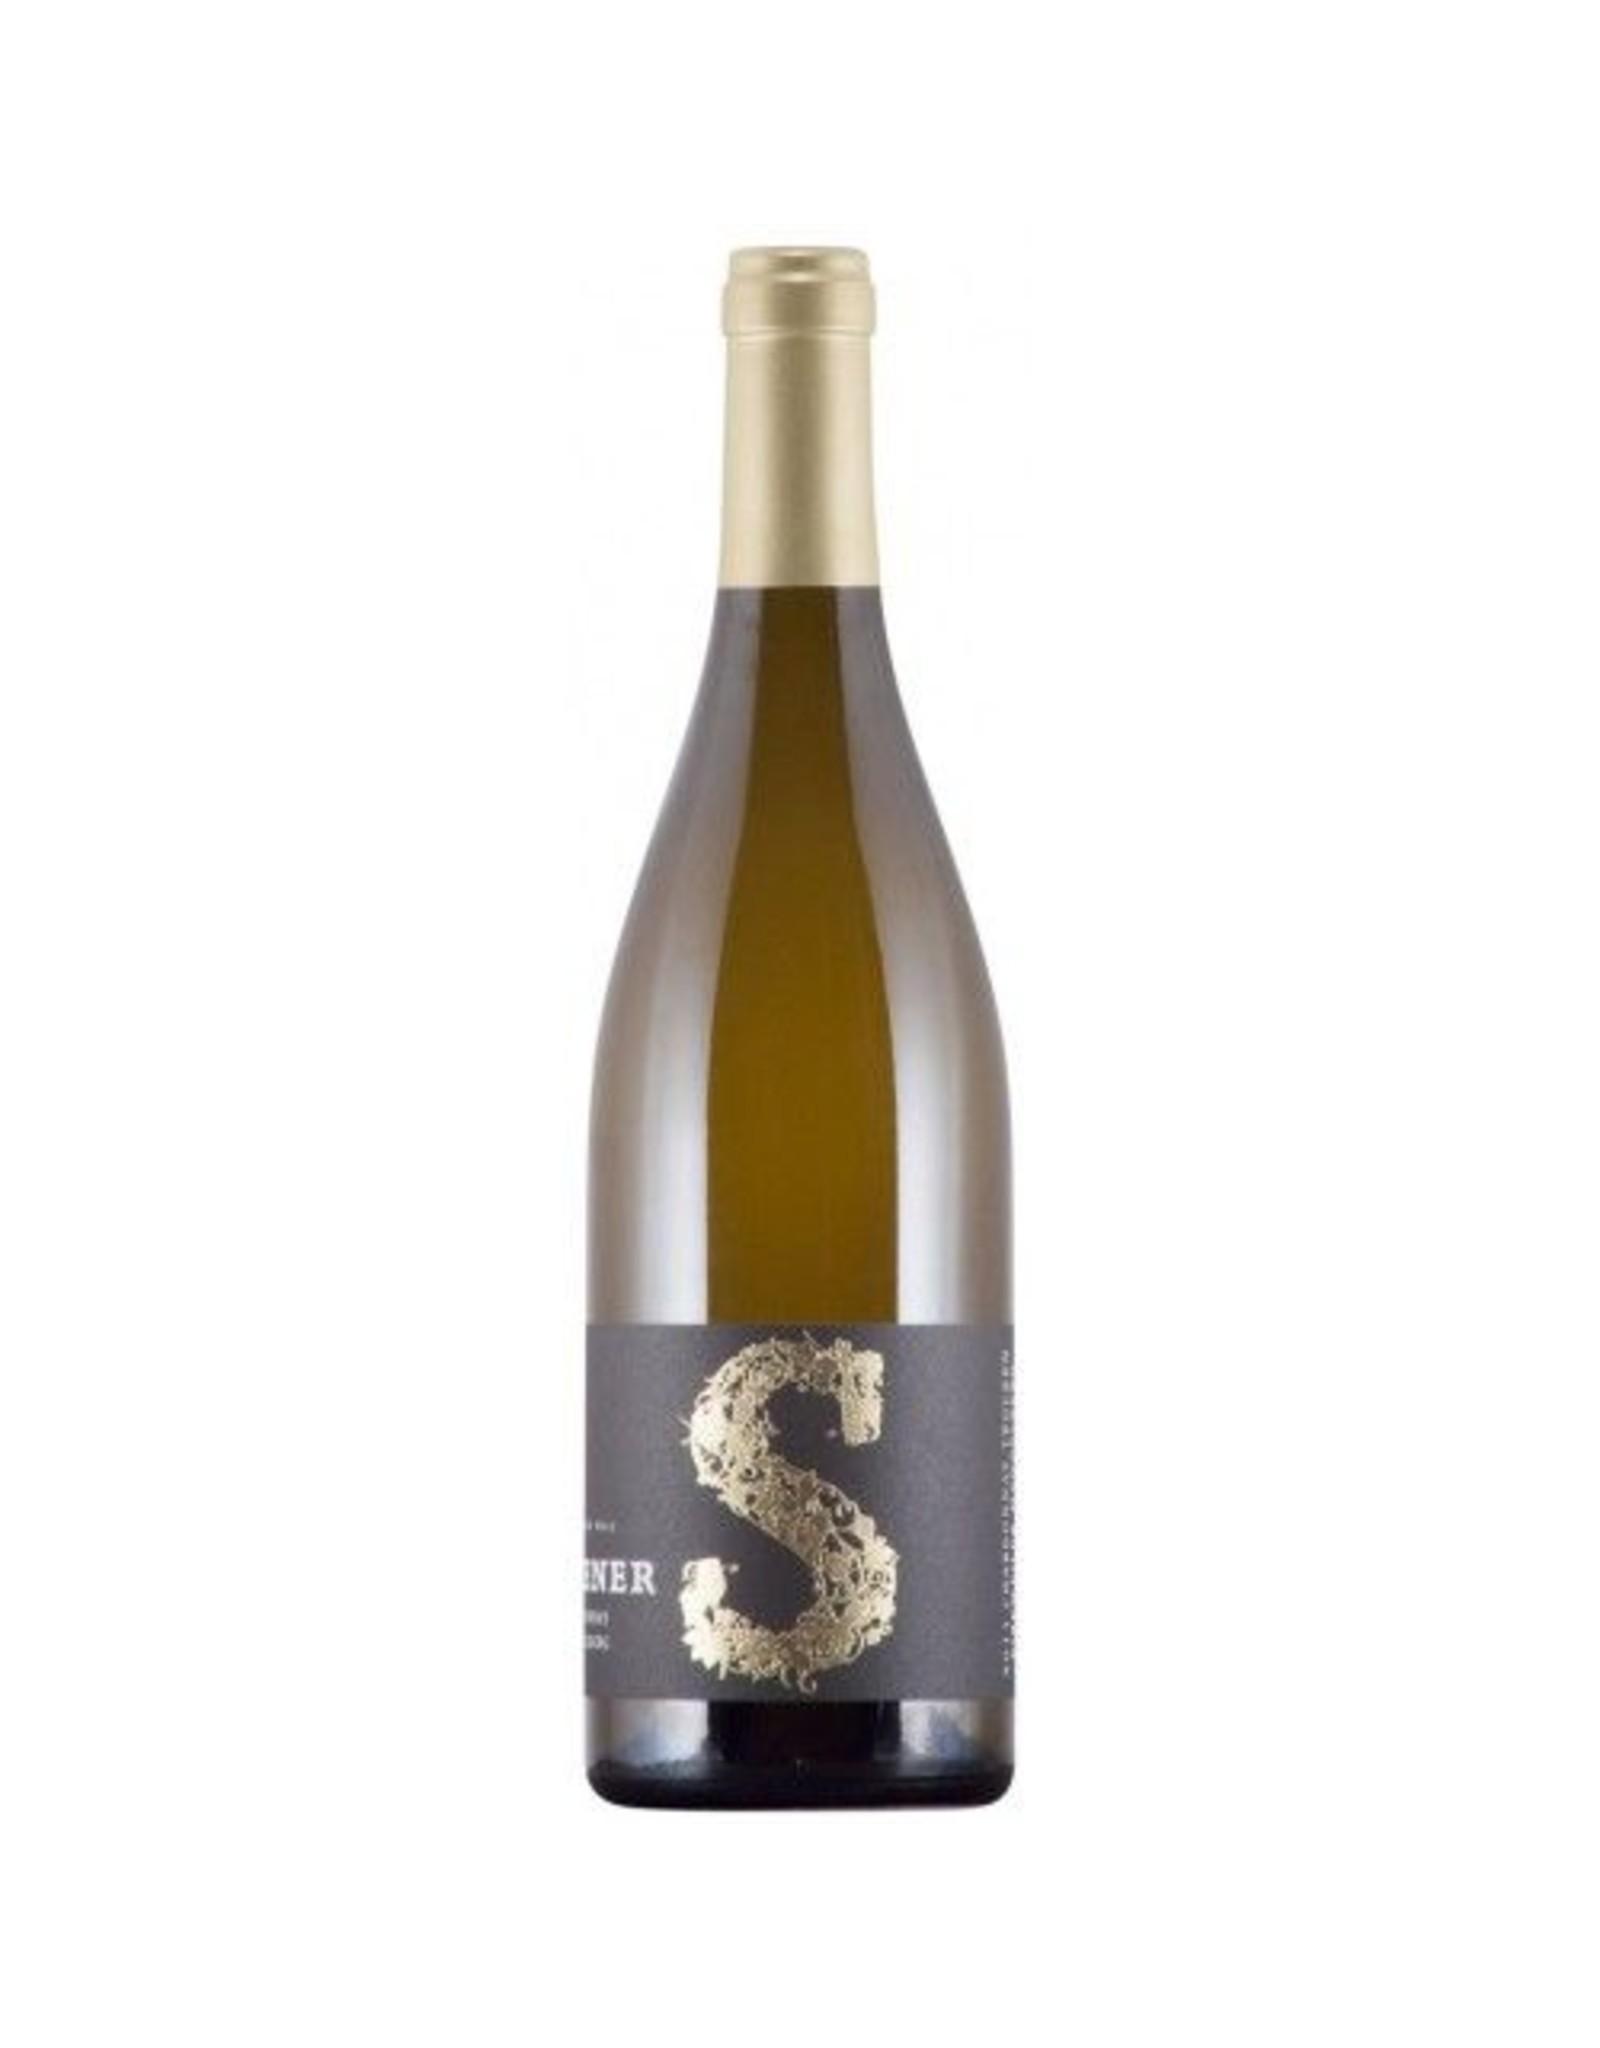 Siener Mandelberg Chardonnay